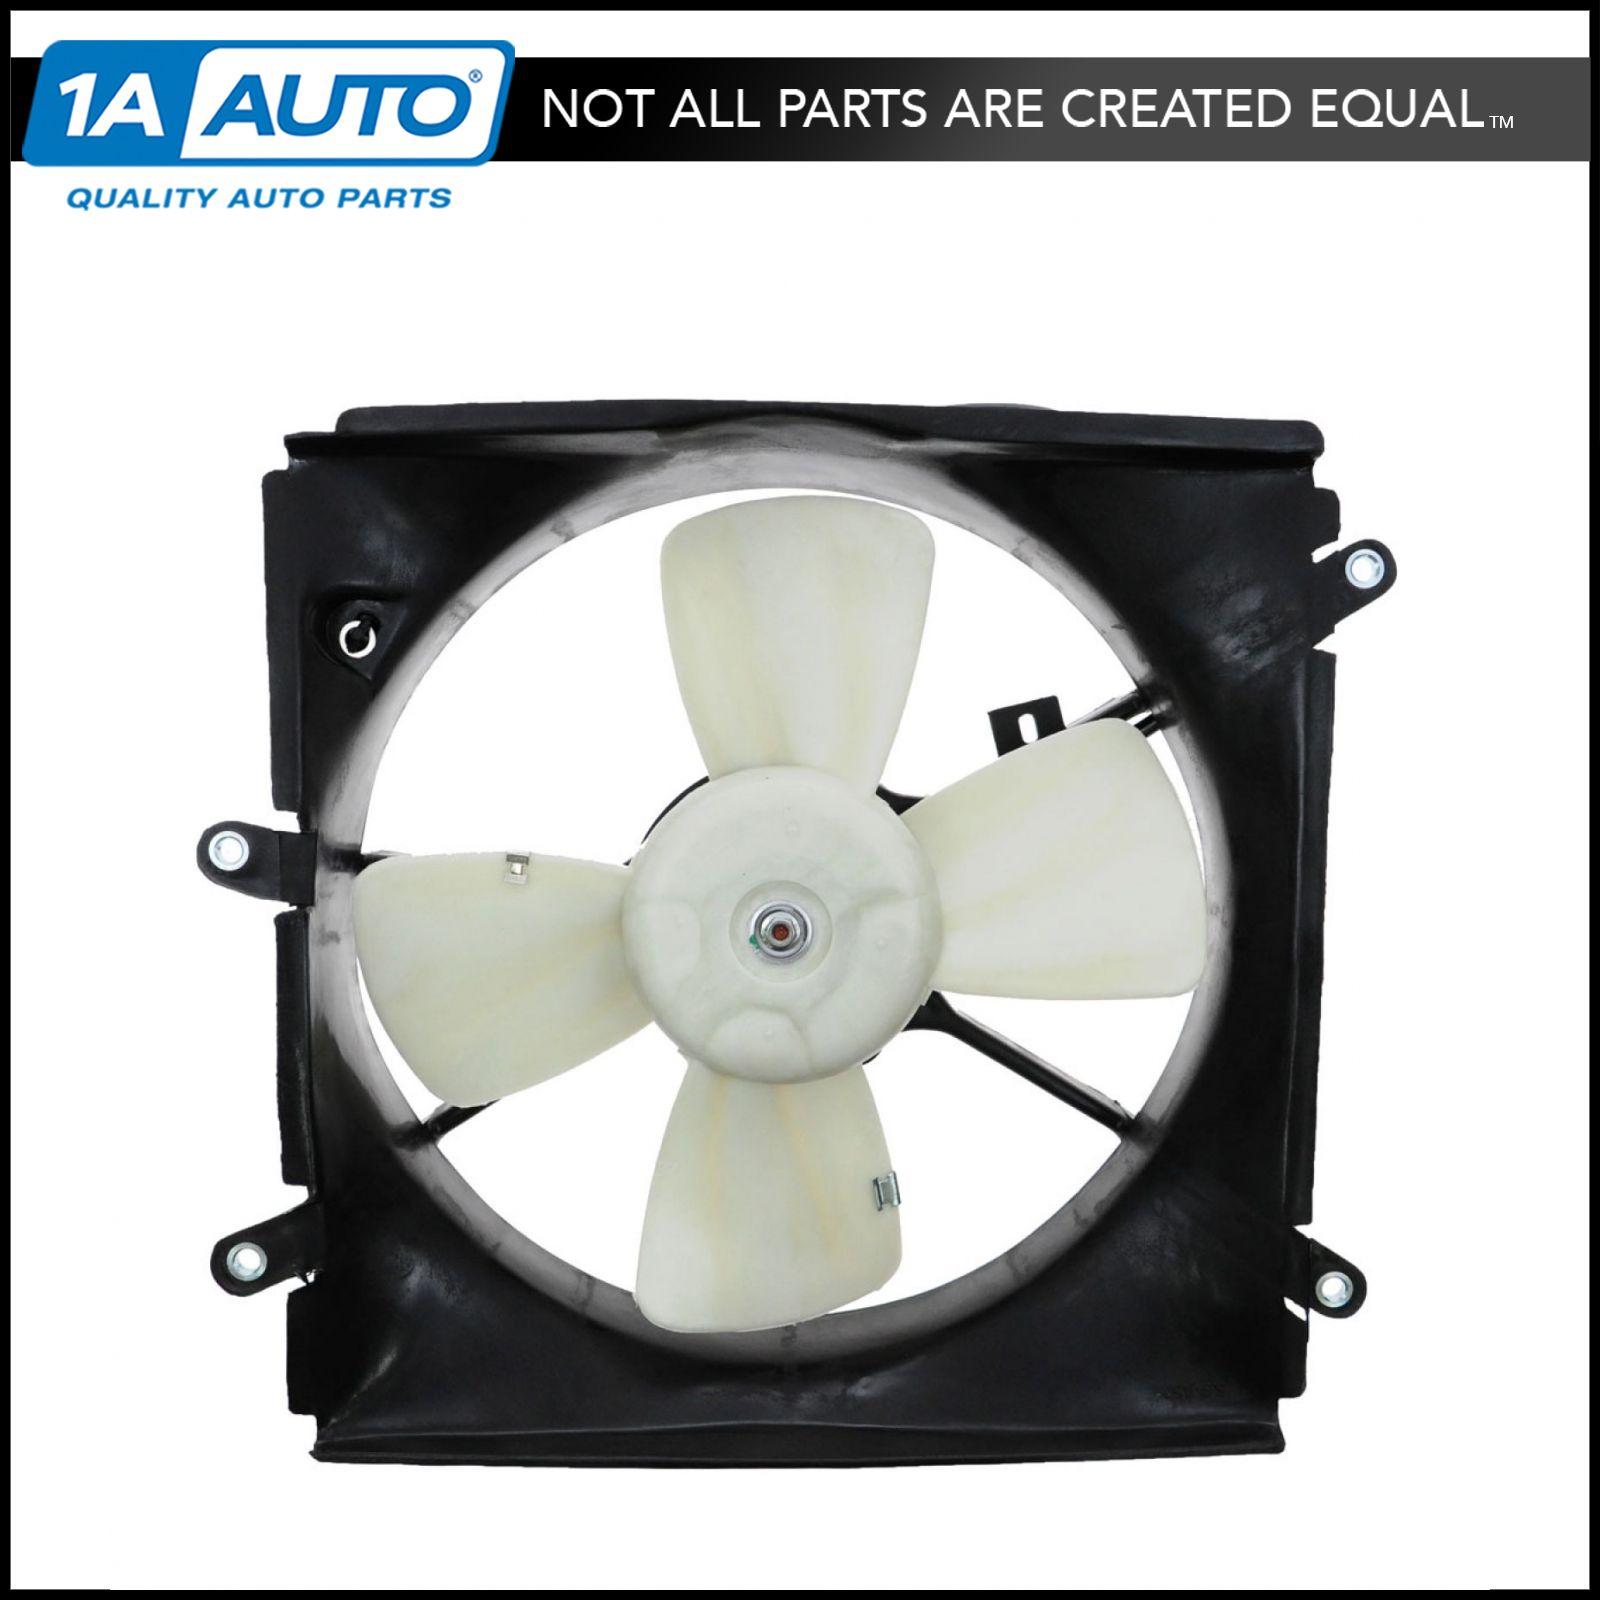 Radiator Cooling Fan assembly for 96-00 Toyota Rav4